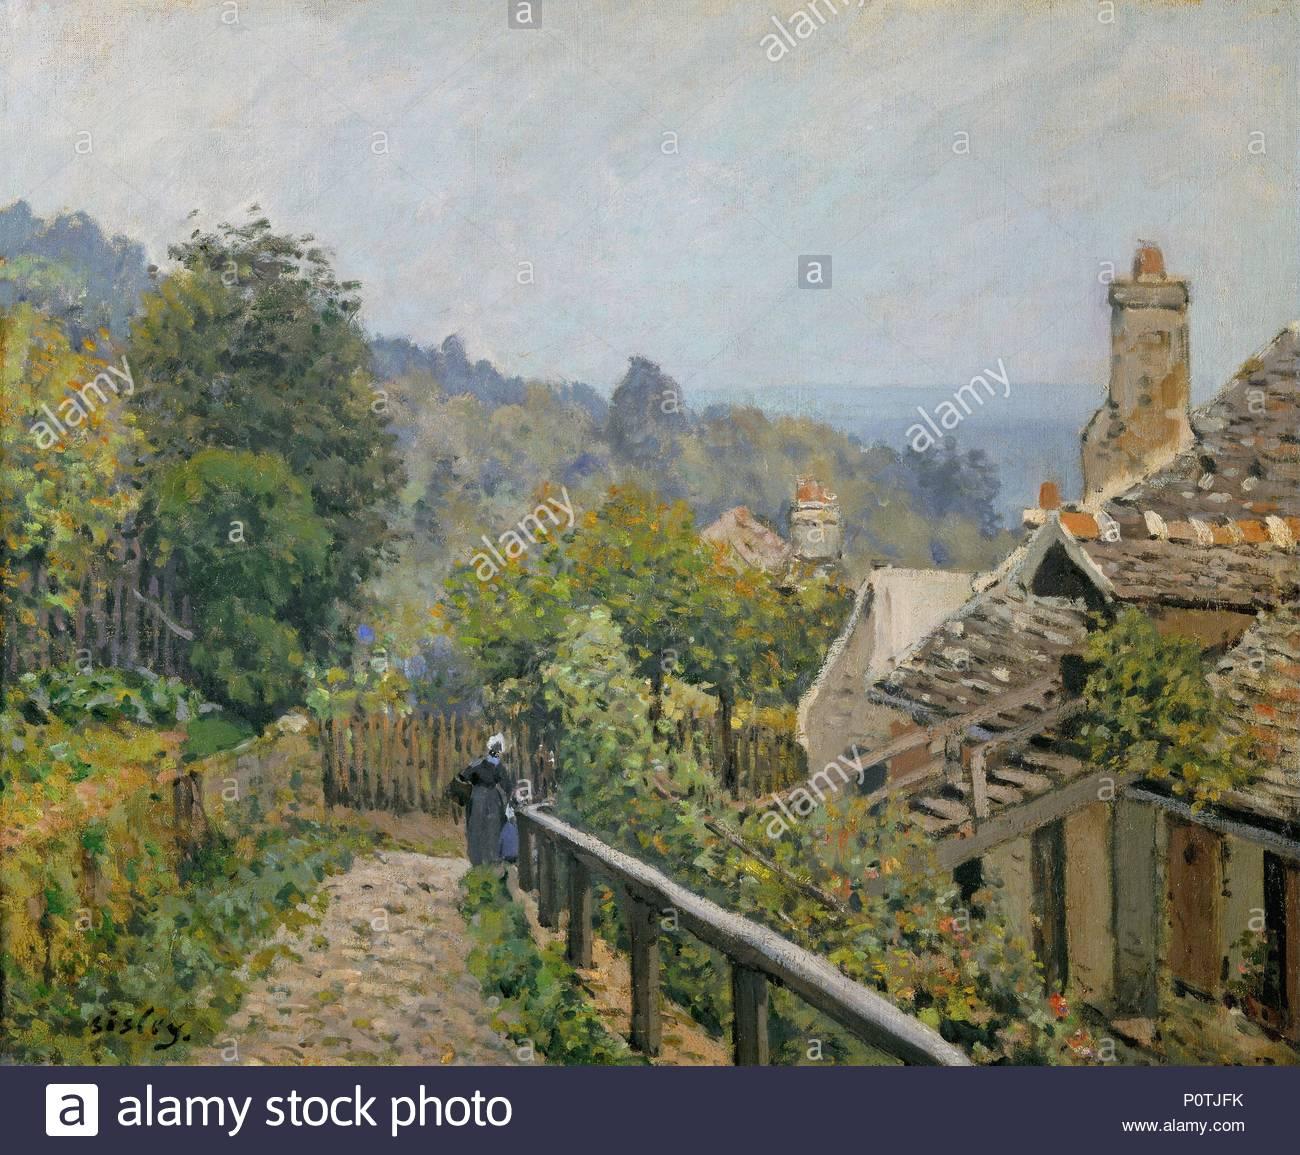 Louveciennes, Sentier de la Mi-cote, vers 1873 Canvas, 38 x 46,5 cm R. F.1937-65. Author: Alfred Sisley (1839-1899). Location: Musee d'Orsay, Paris, France. - Stock Image